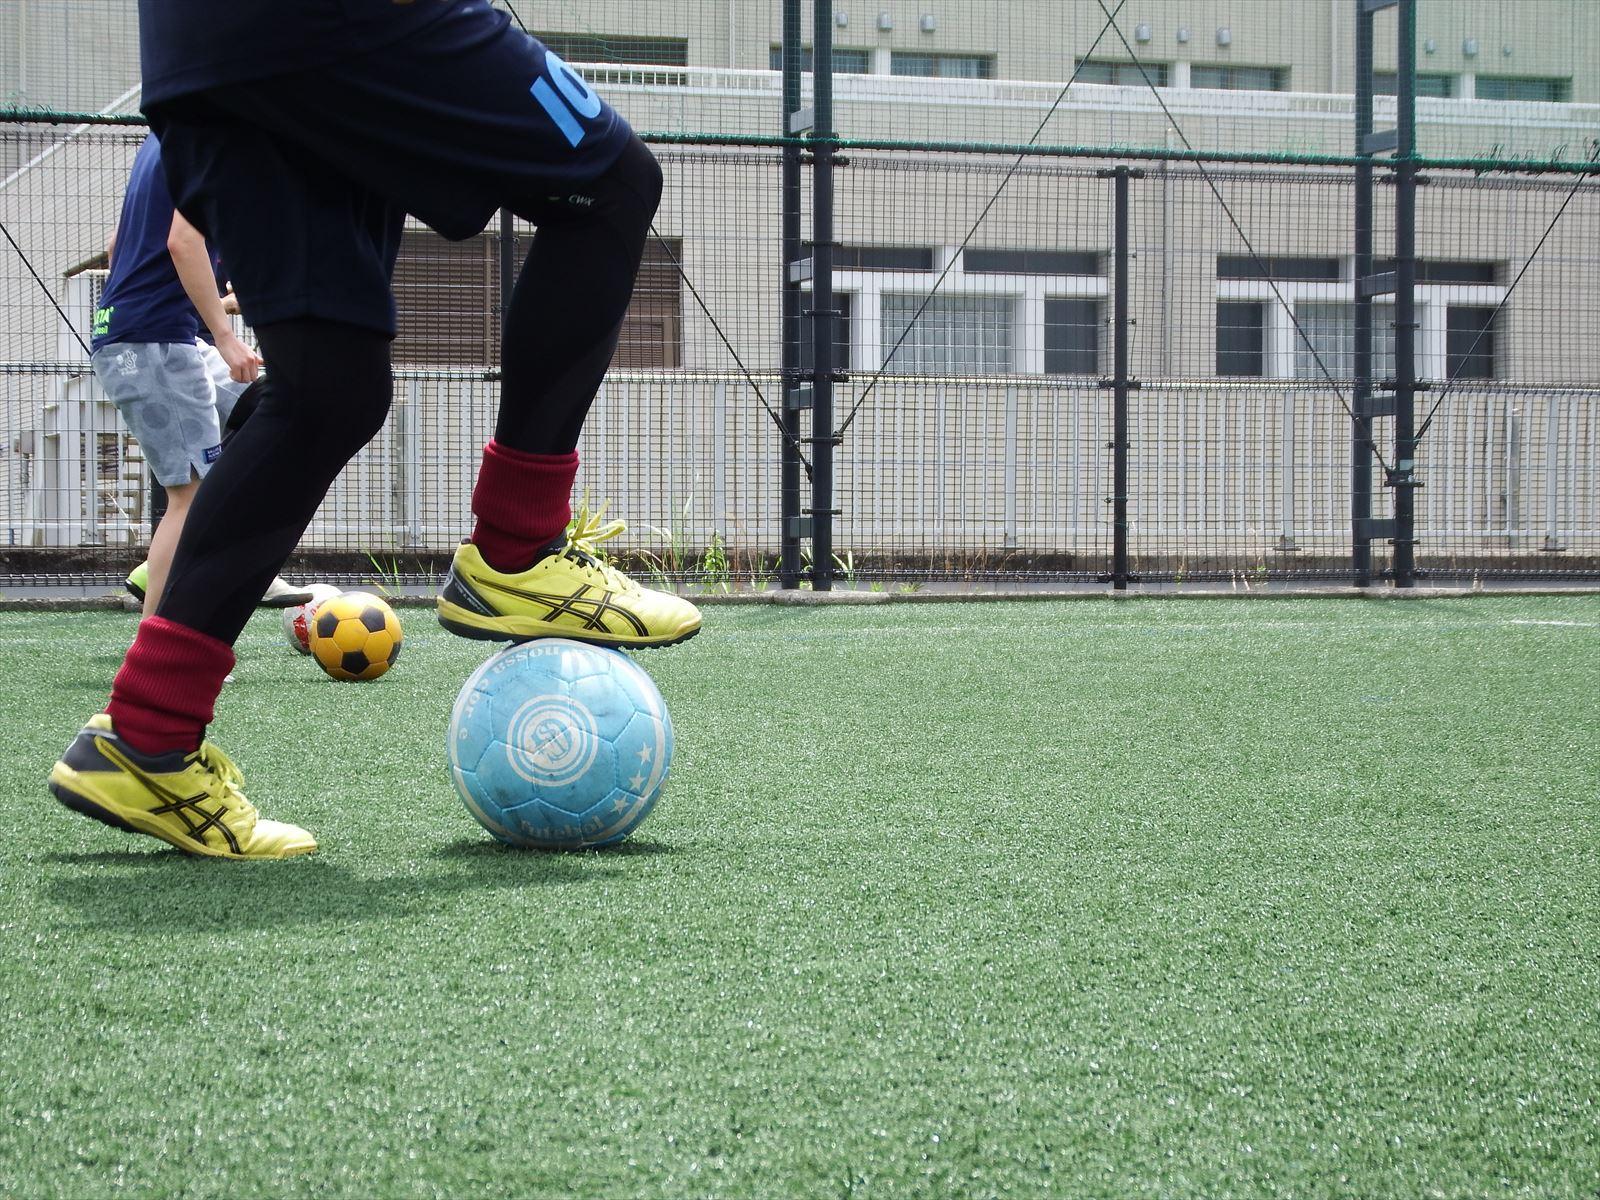 西が丘レディースサッカー教室 2019年9月の活動スケジュール